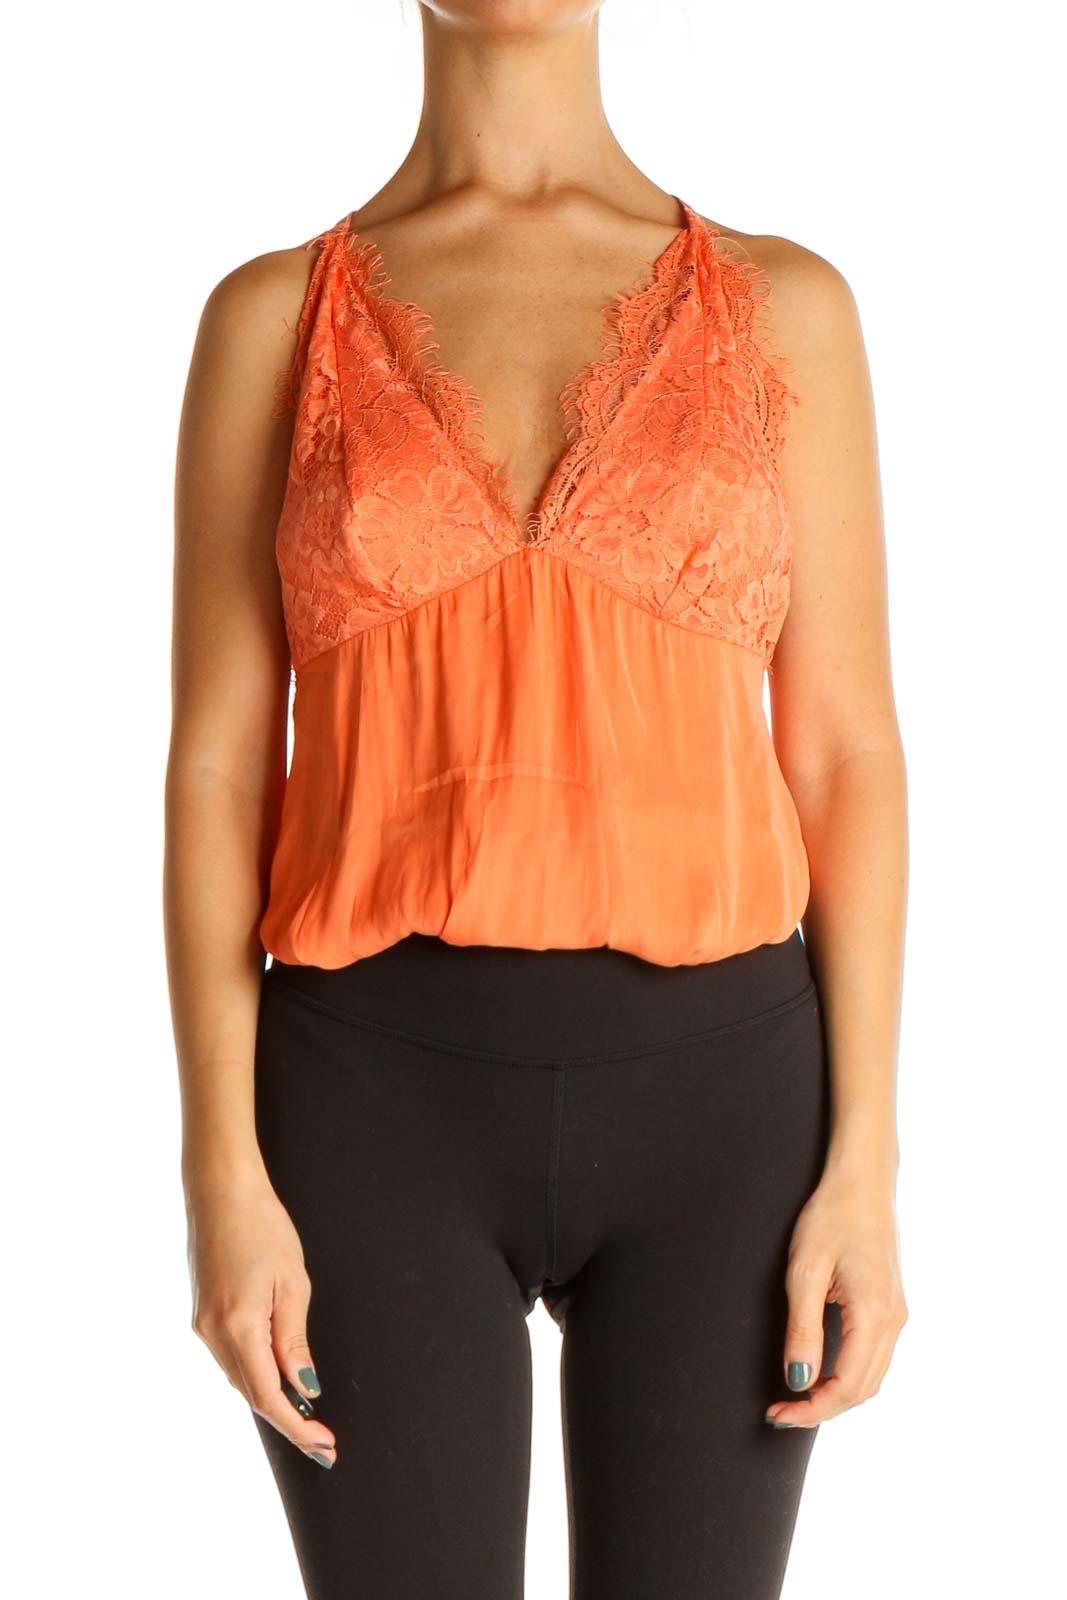 Orange Lace Bohemian Bodysuit Front